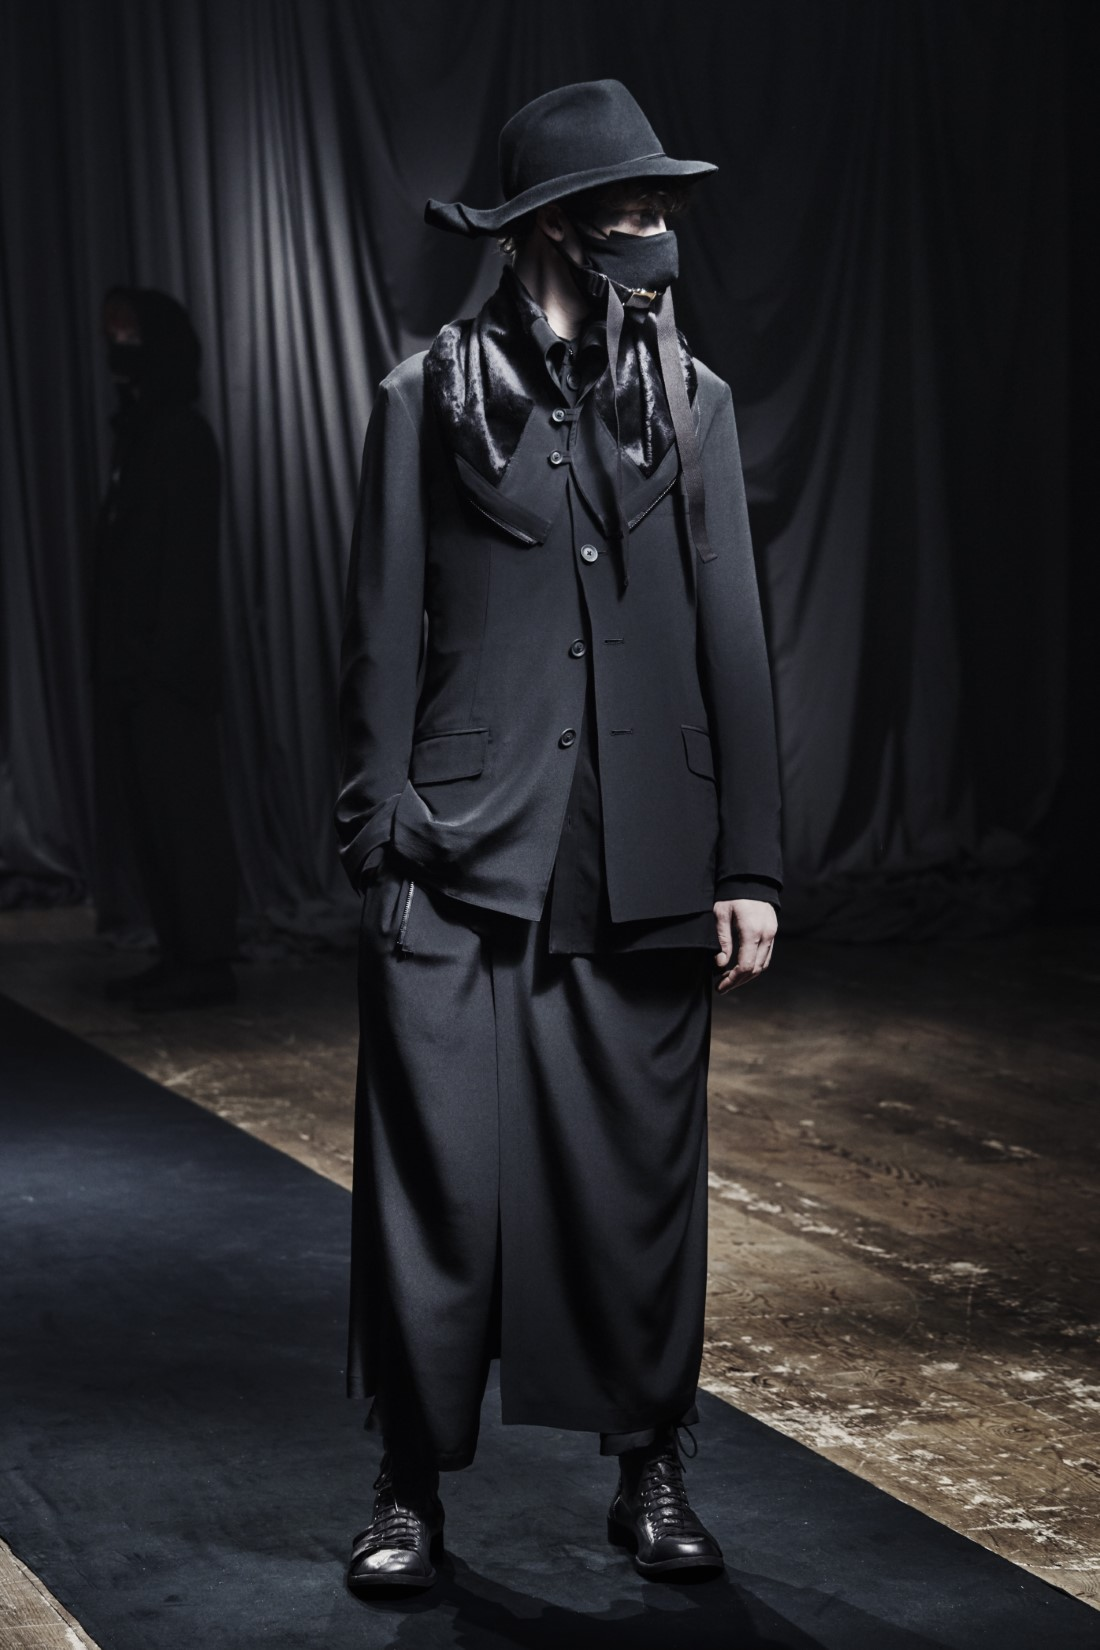 Yohji Yamamoto - Automne-Hiver 2021 - Paris Fashion WeekYohji Yamamoto - Automne-Hiver 2021 - Paris Fashion Week